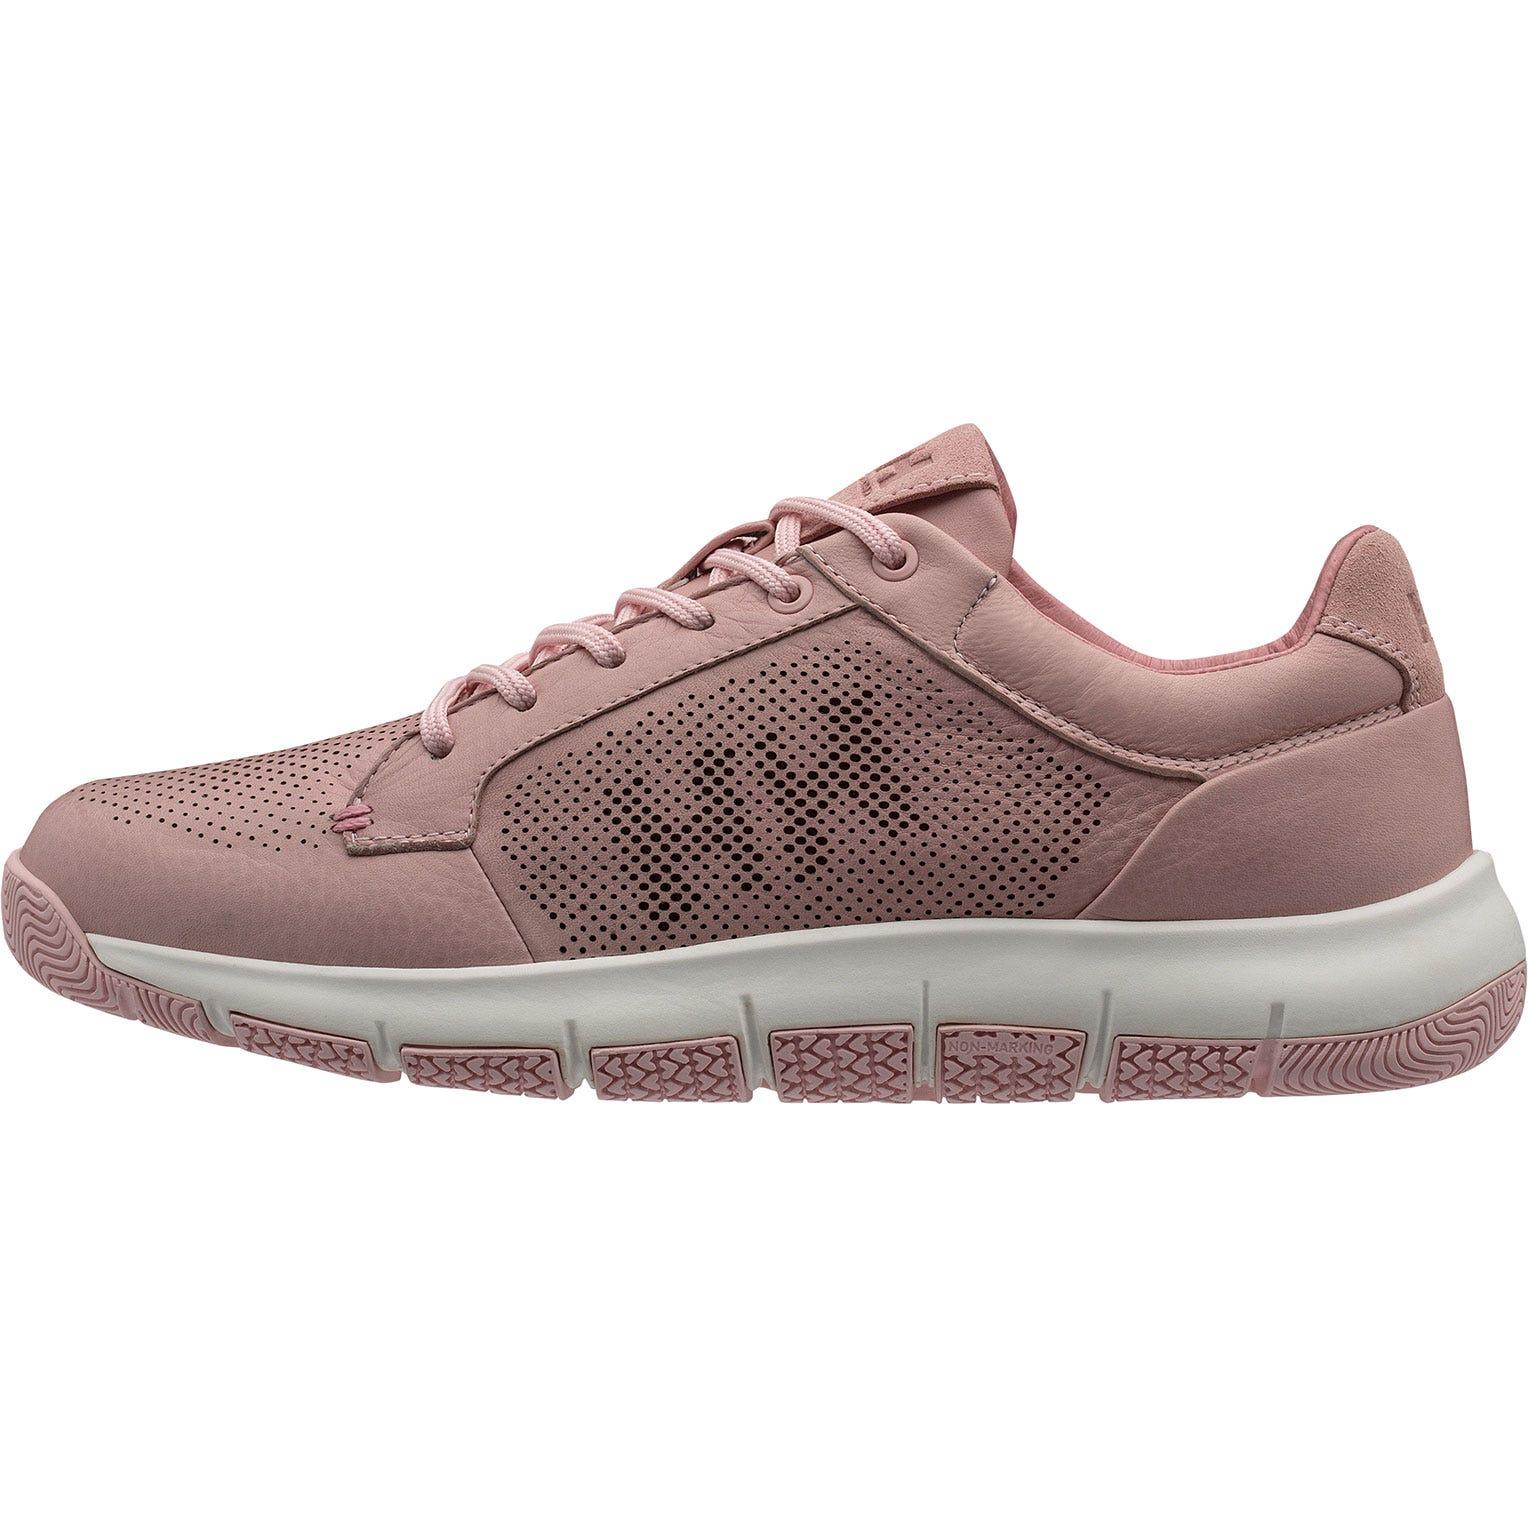 Helly Hansen W Skagen Pier Leather Shoe Womens Casual Pink 36/5.5